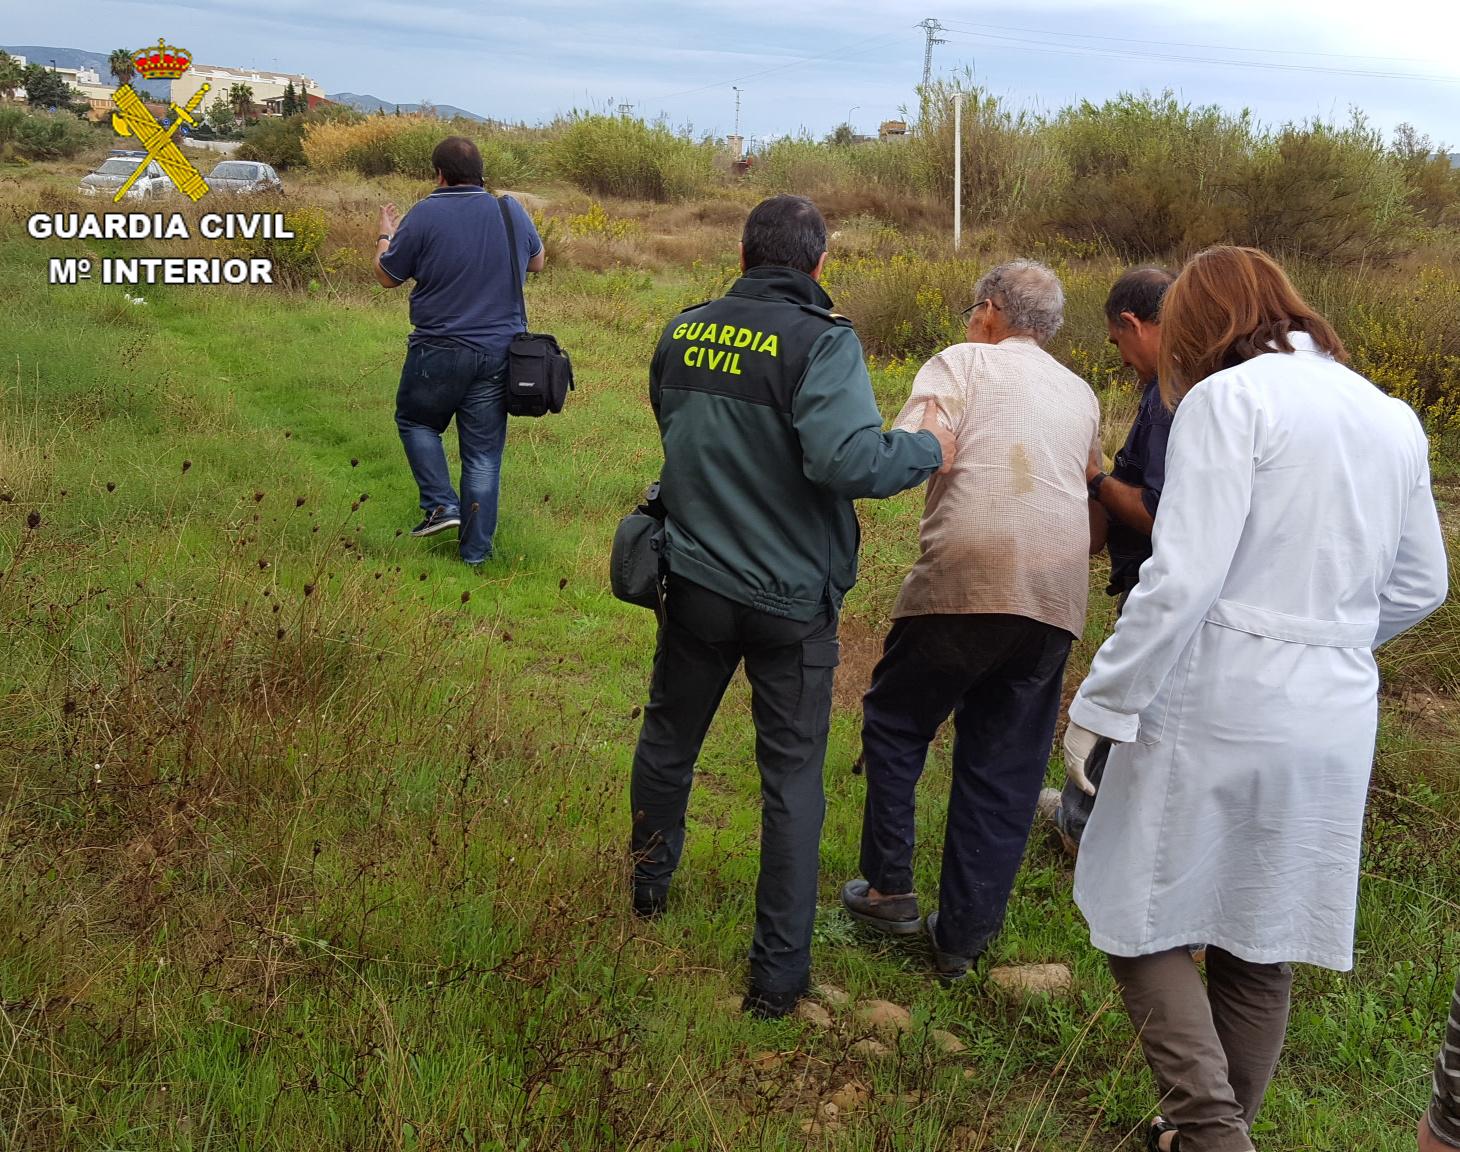 La Guardia Civil procedió a la localización y auxilio de un varón de 88 años que se desoriento tras salirse de la carretera y quedar parcialmente el vehículo en una acequia.